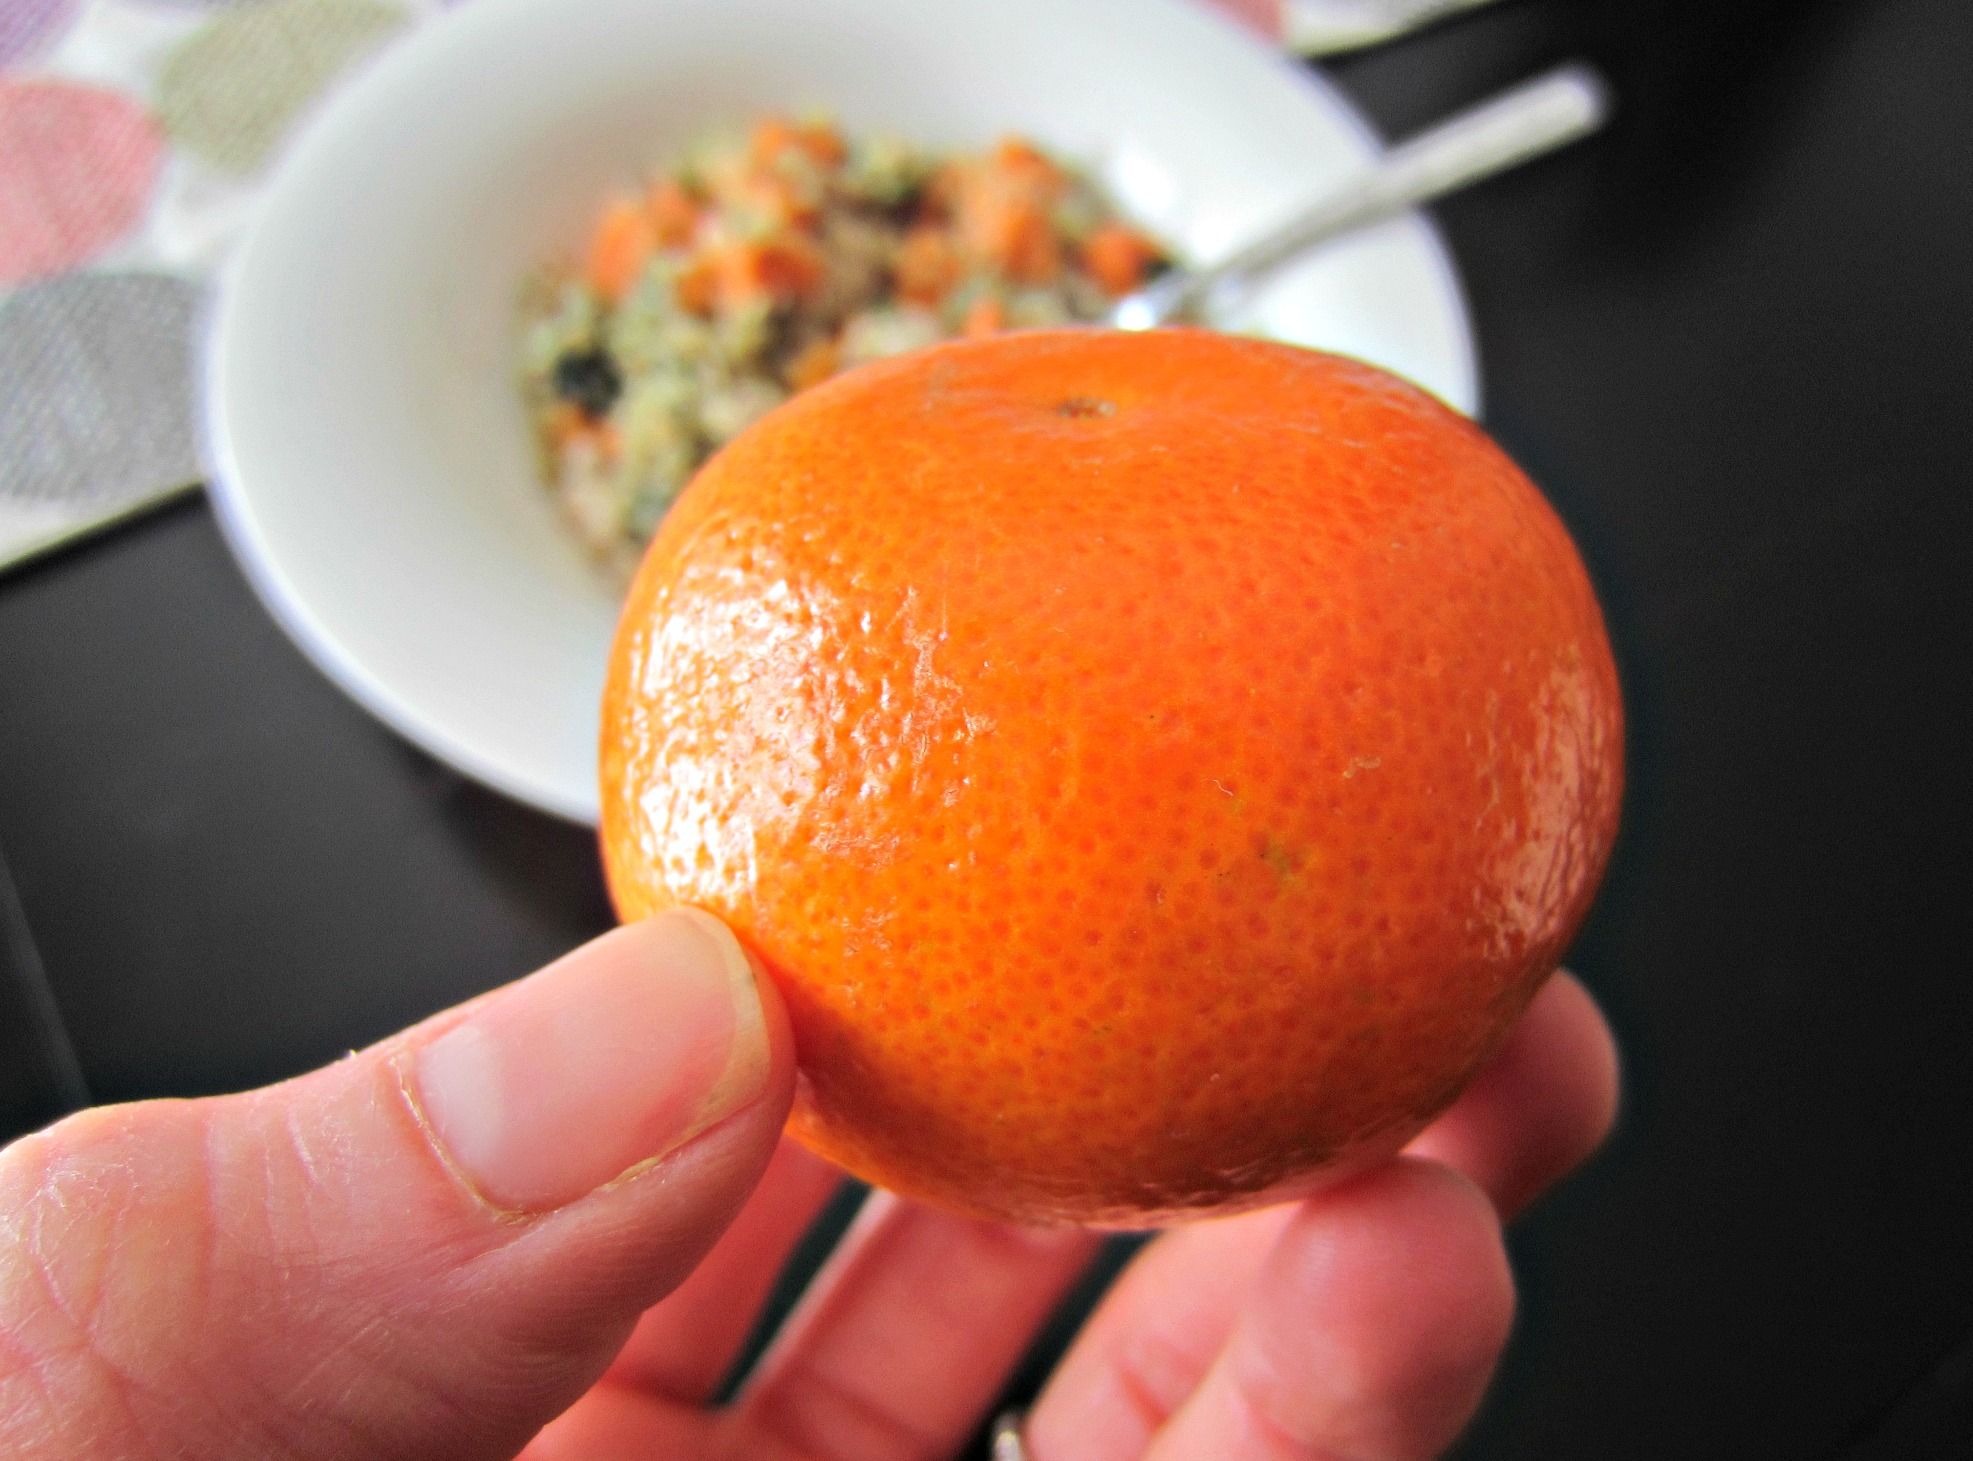 cutie orange